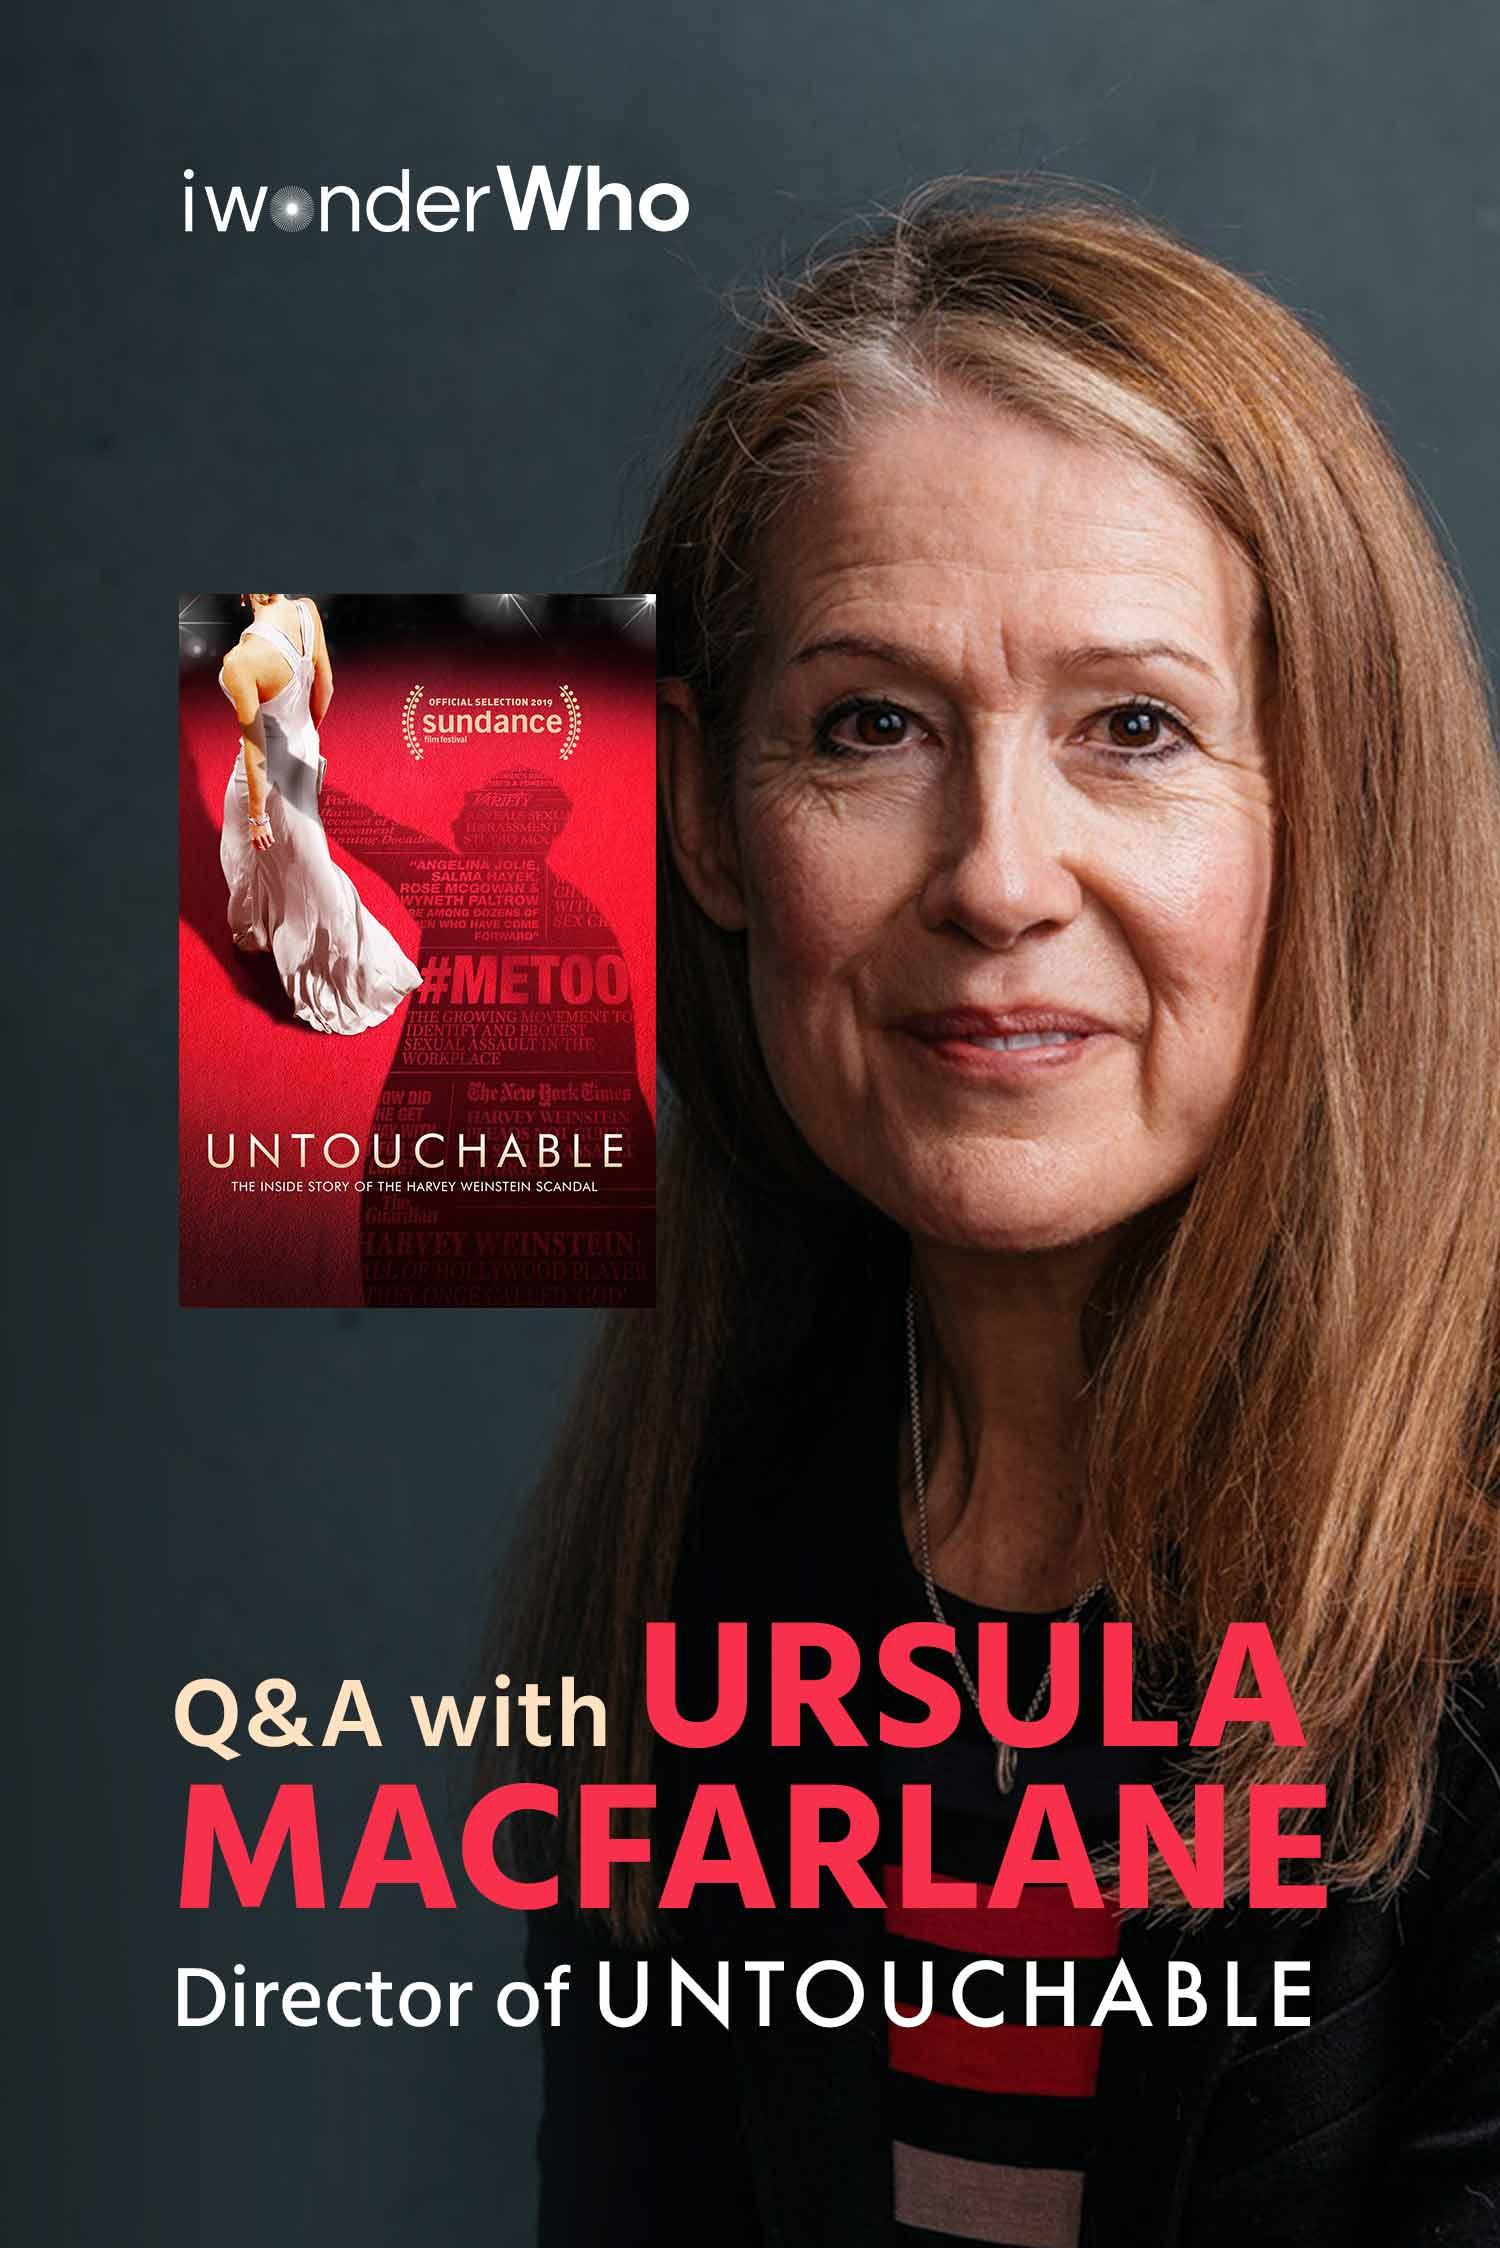 iwonderWho - Ursula Macfarlane (Untouchable)